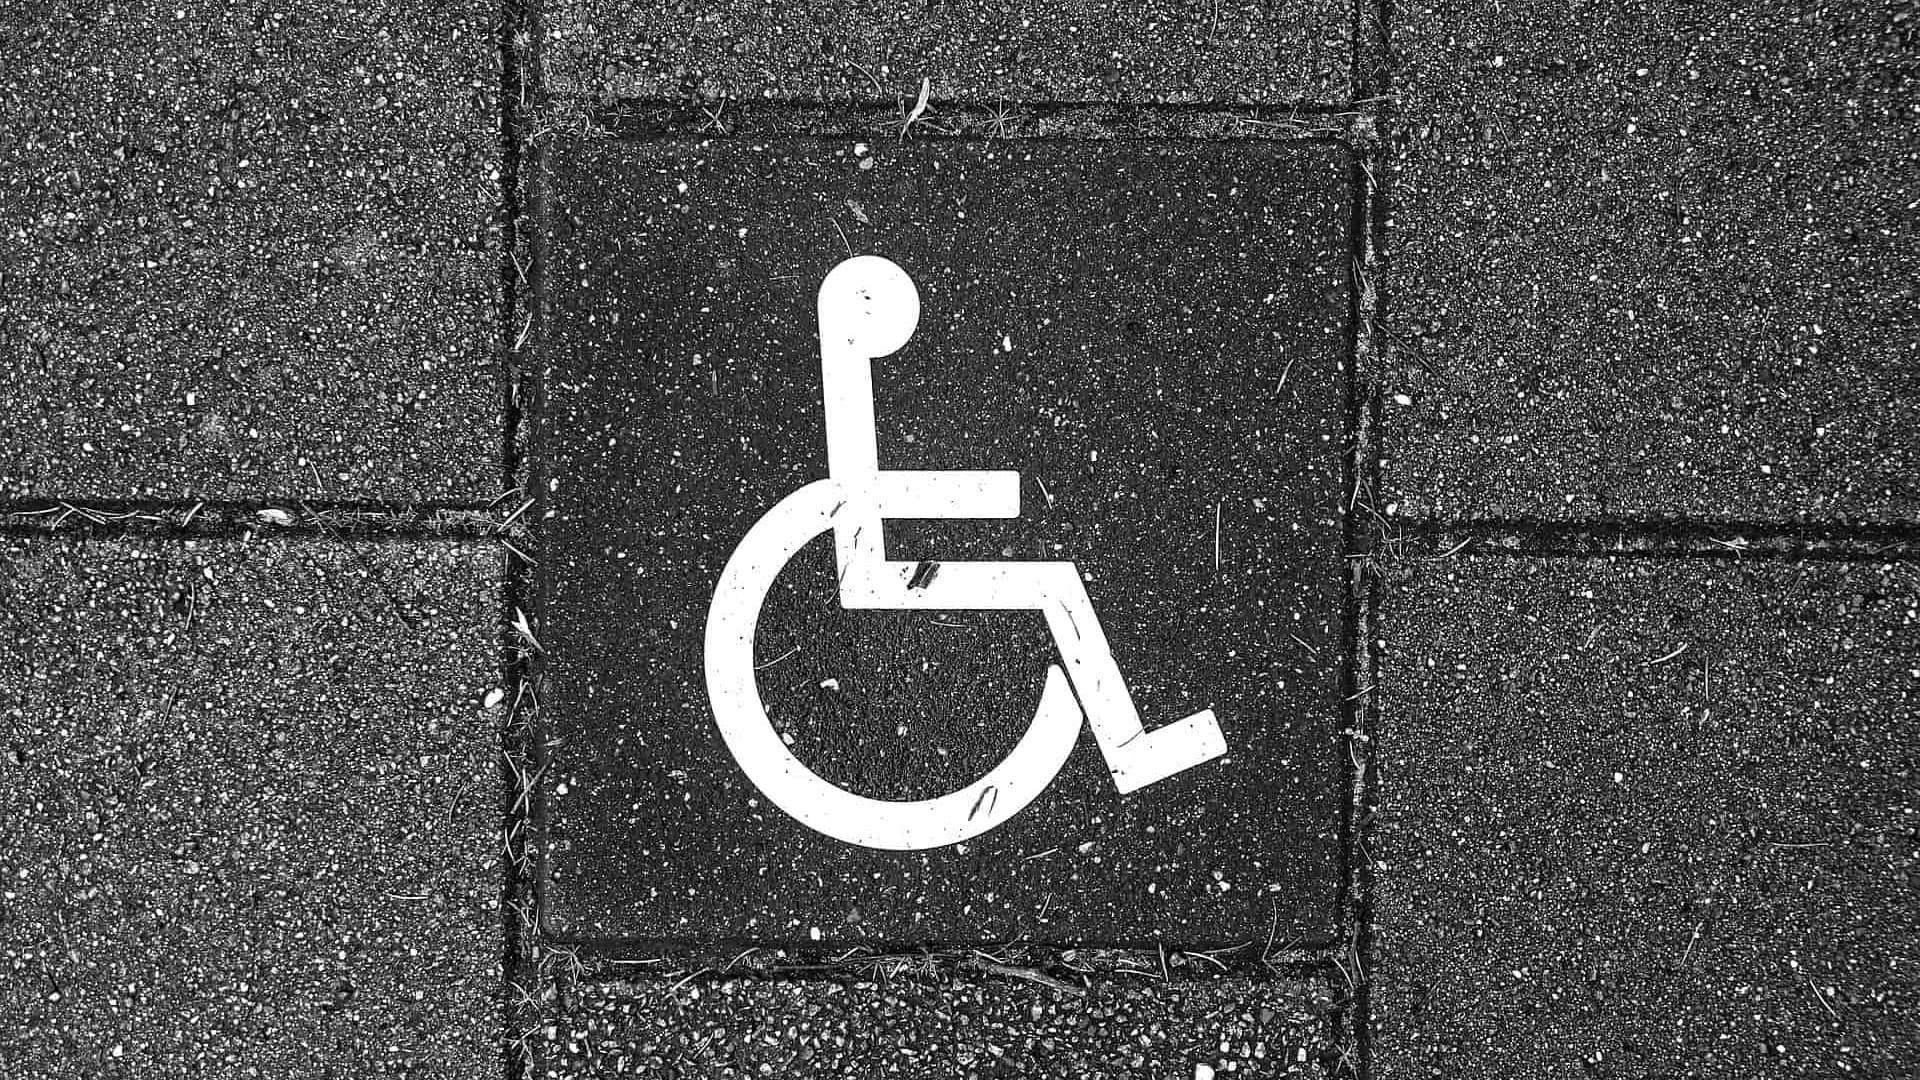 Sedie A Rotelle Roma : I migliori 20 installatori di rampe per disabili a roma